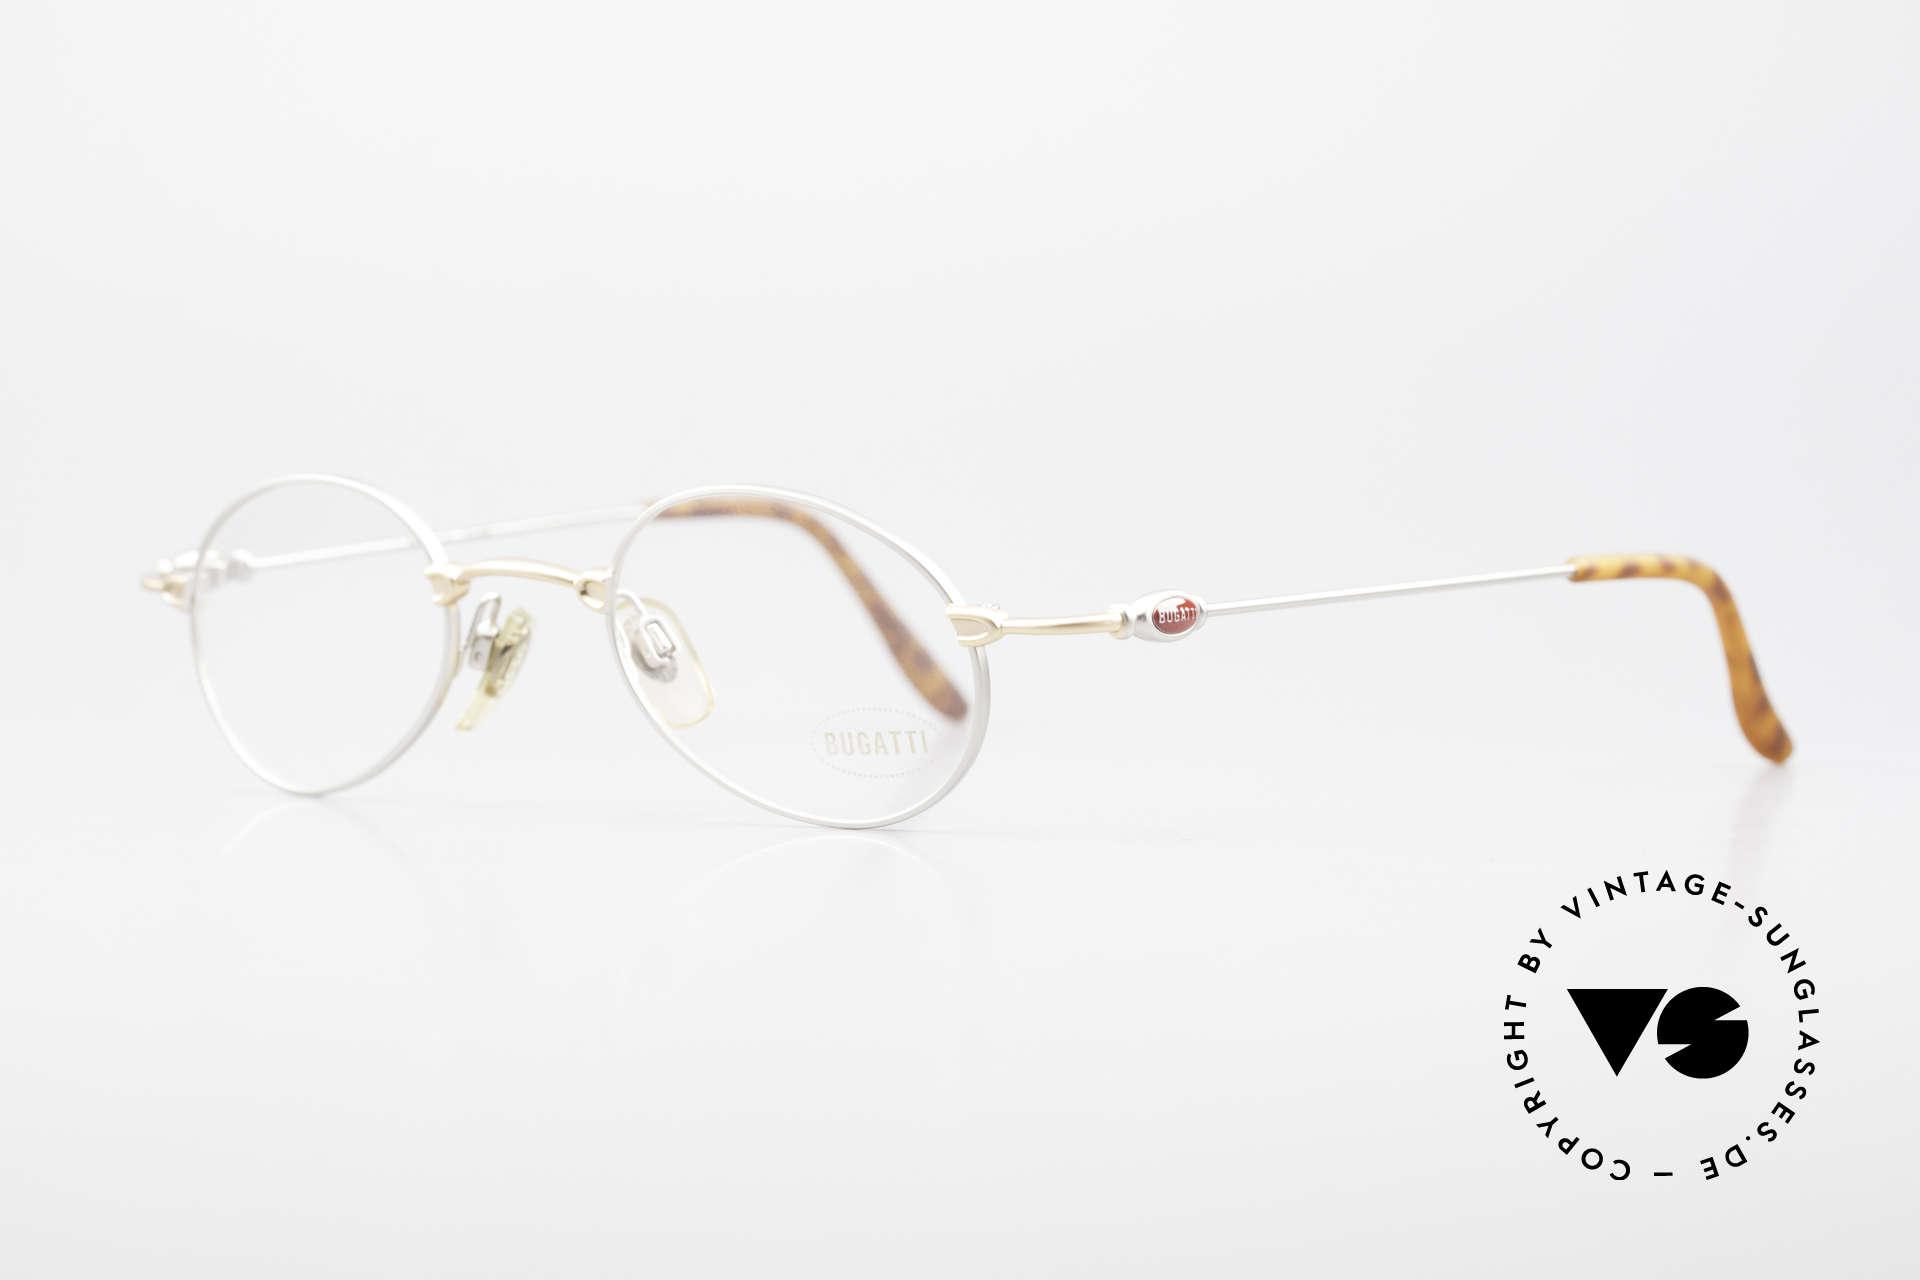 Bugatti 10759 Vintage Brille Herren 90er, klassische, zeitlose Brillenform (bicolor: gold & silber), Passend für Herren